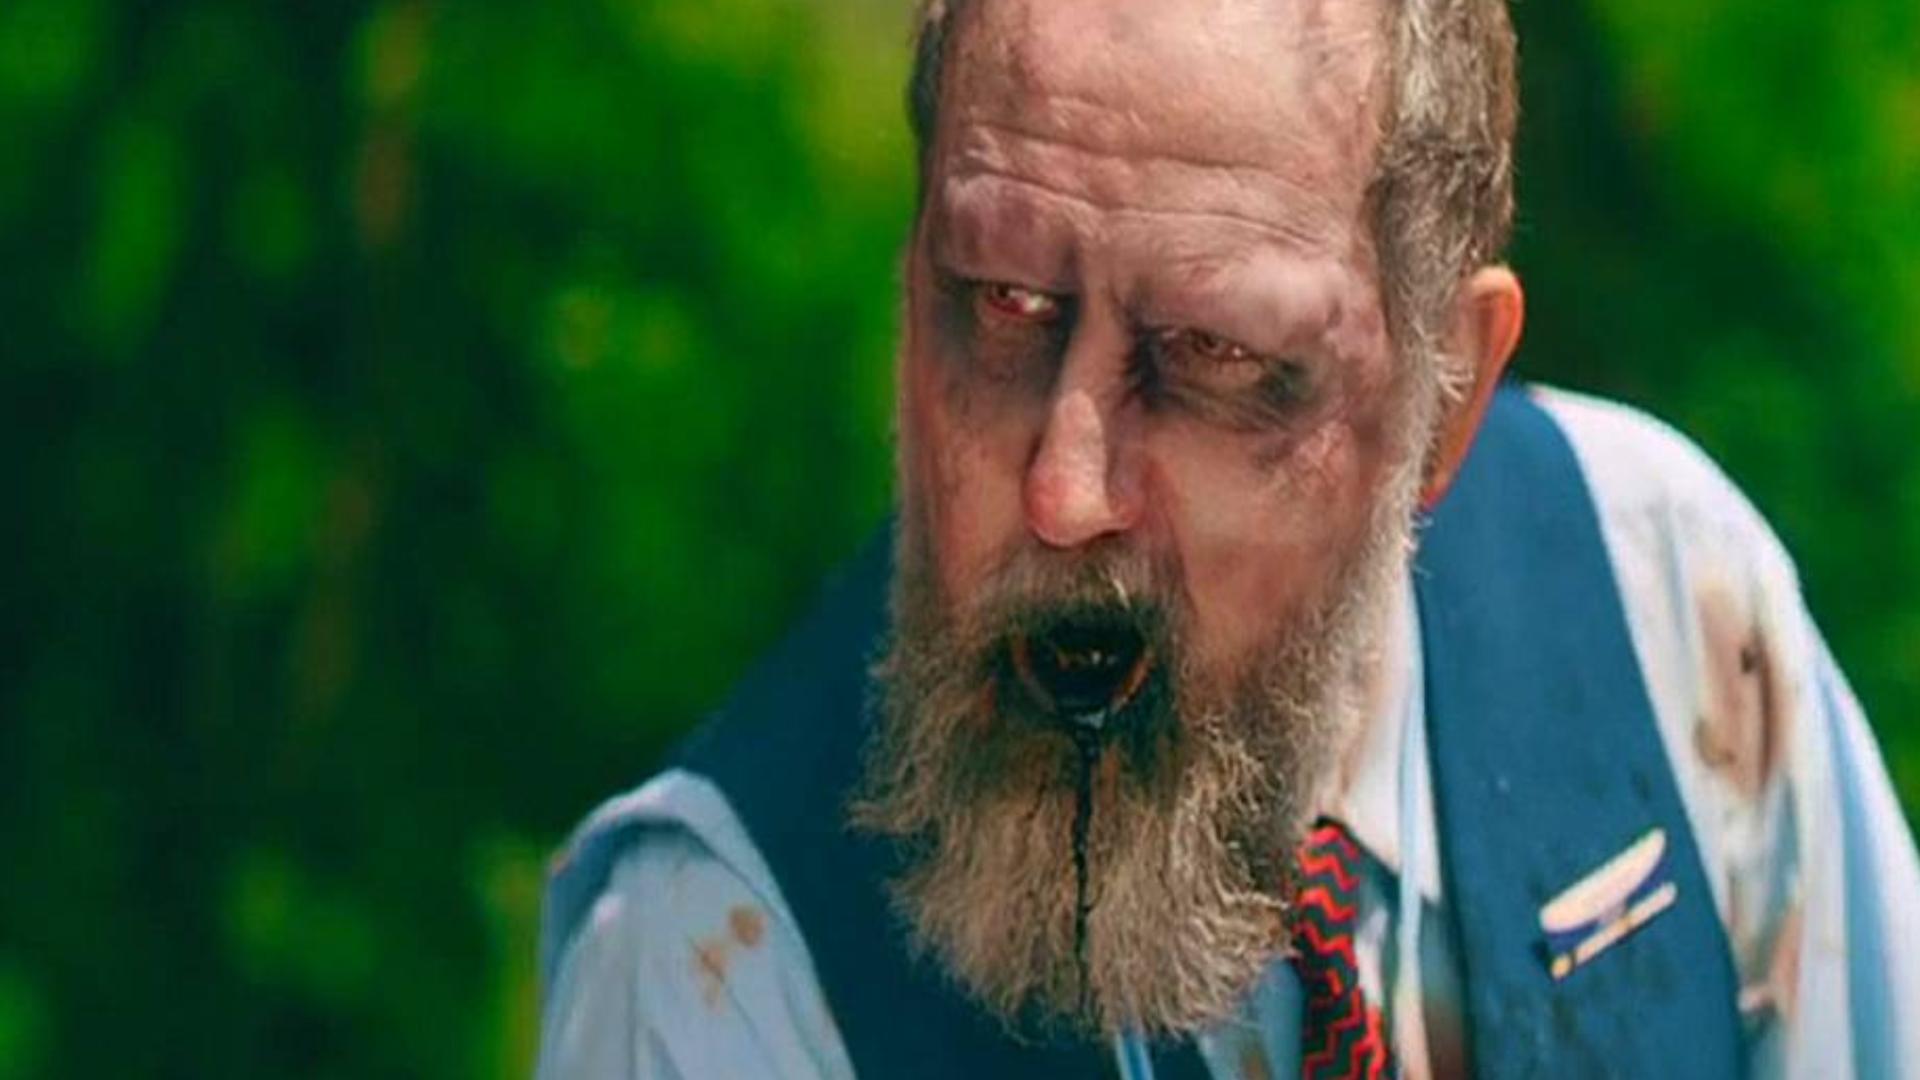 【一色】:新丧尸短剧《僵尸逃生船》,丧尸危机来袭,四个活宝的末世逃生之路